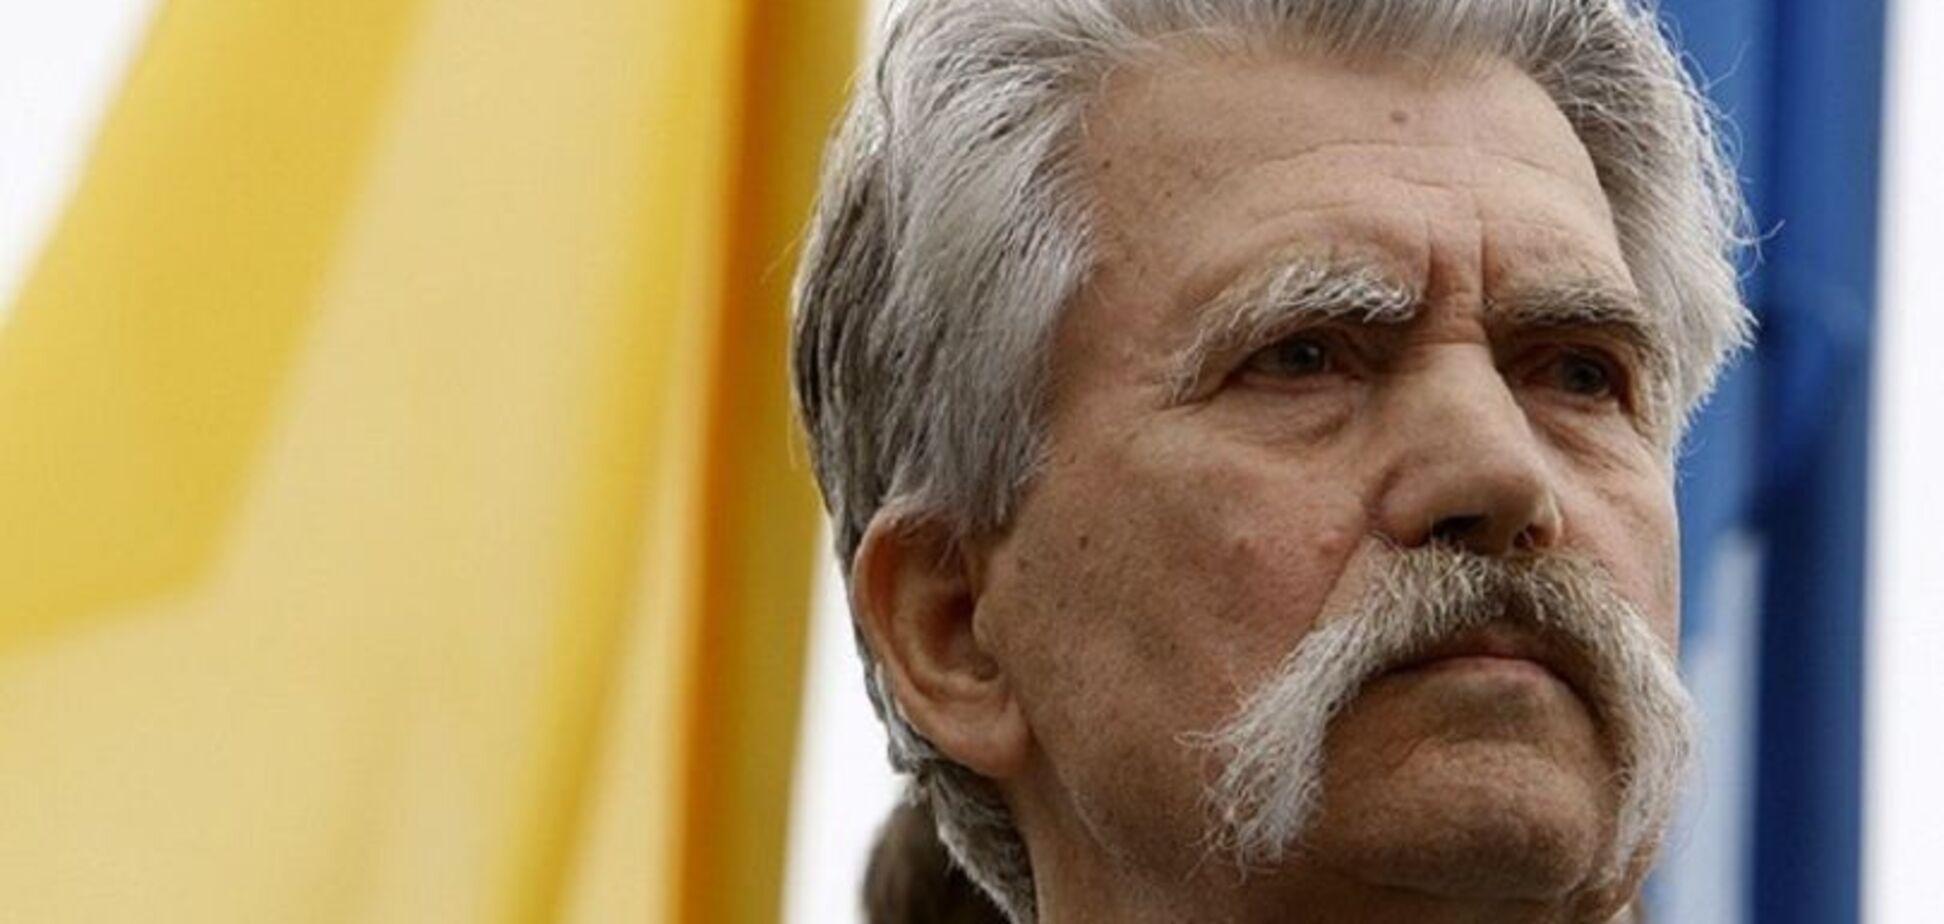 Його не зламали концтабору: чим відомий легендарний Левко Лук'яненко